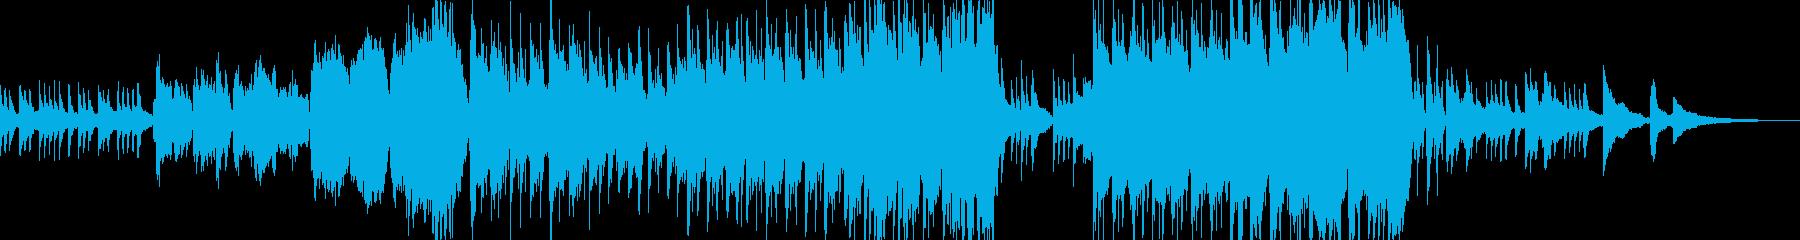 和: 凛としつつも落ち着いた和風曲の再生済みの波形